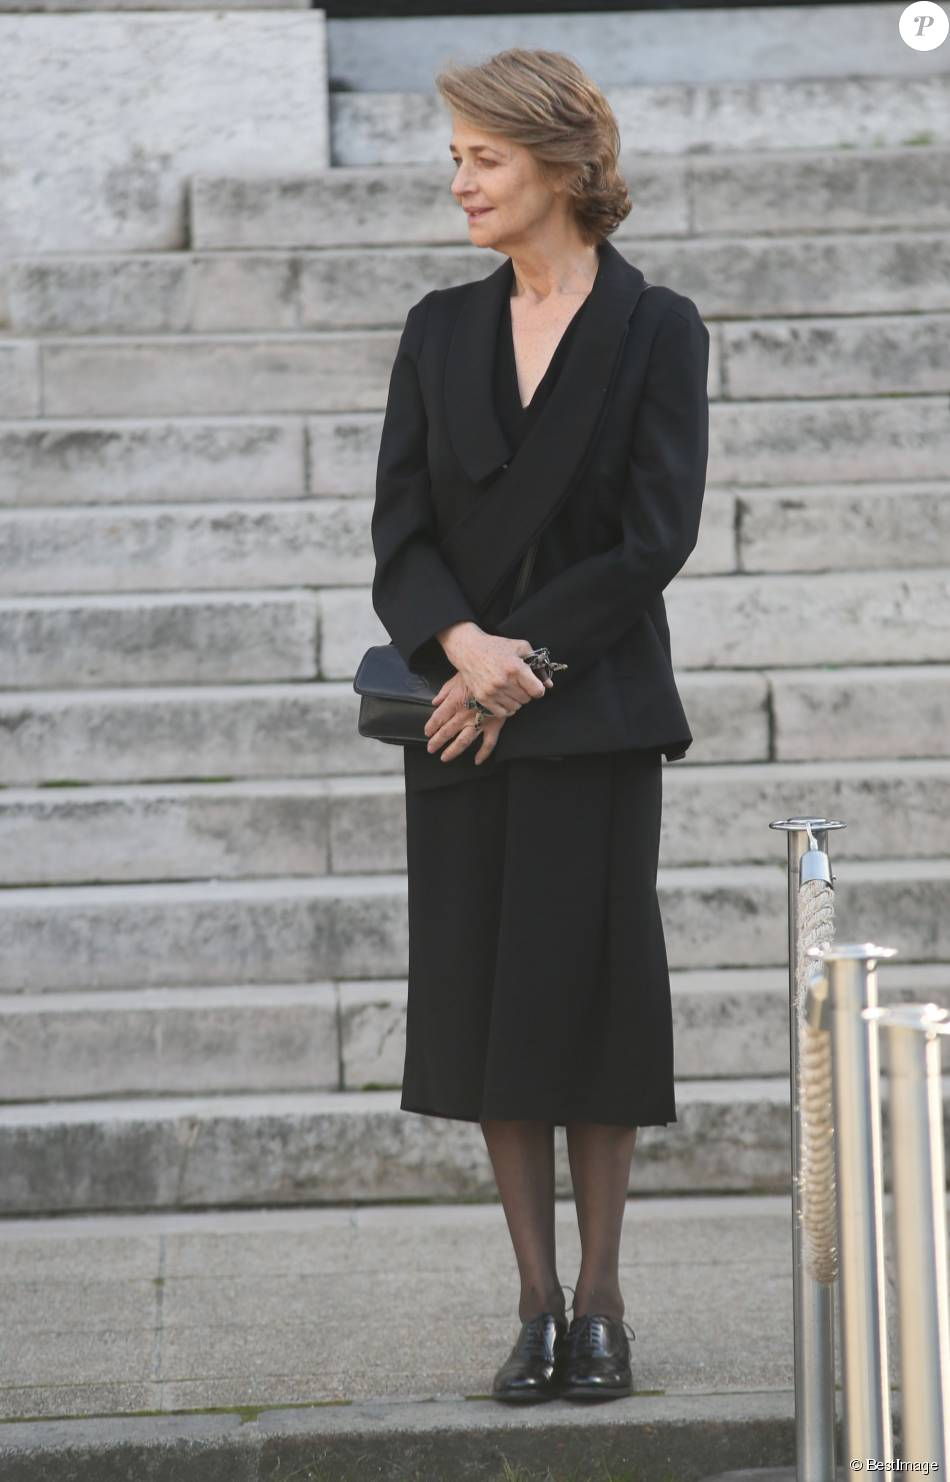 Charlotte Rampling- Obsèques de Jean-Noël Tassez, le compagnon de Charlotte Rampling, au crématorium du cimetière du Père-Lachaise à Paris, le 9 octobre 2015